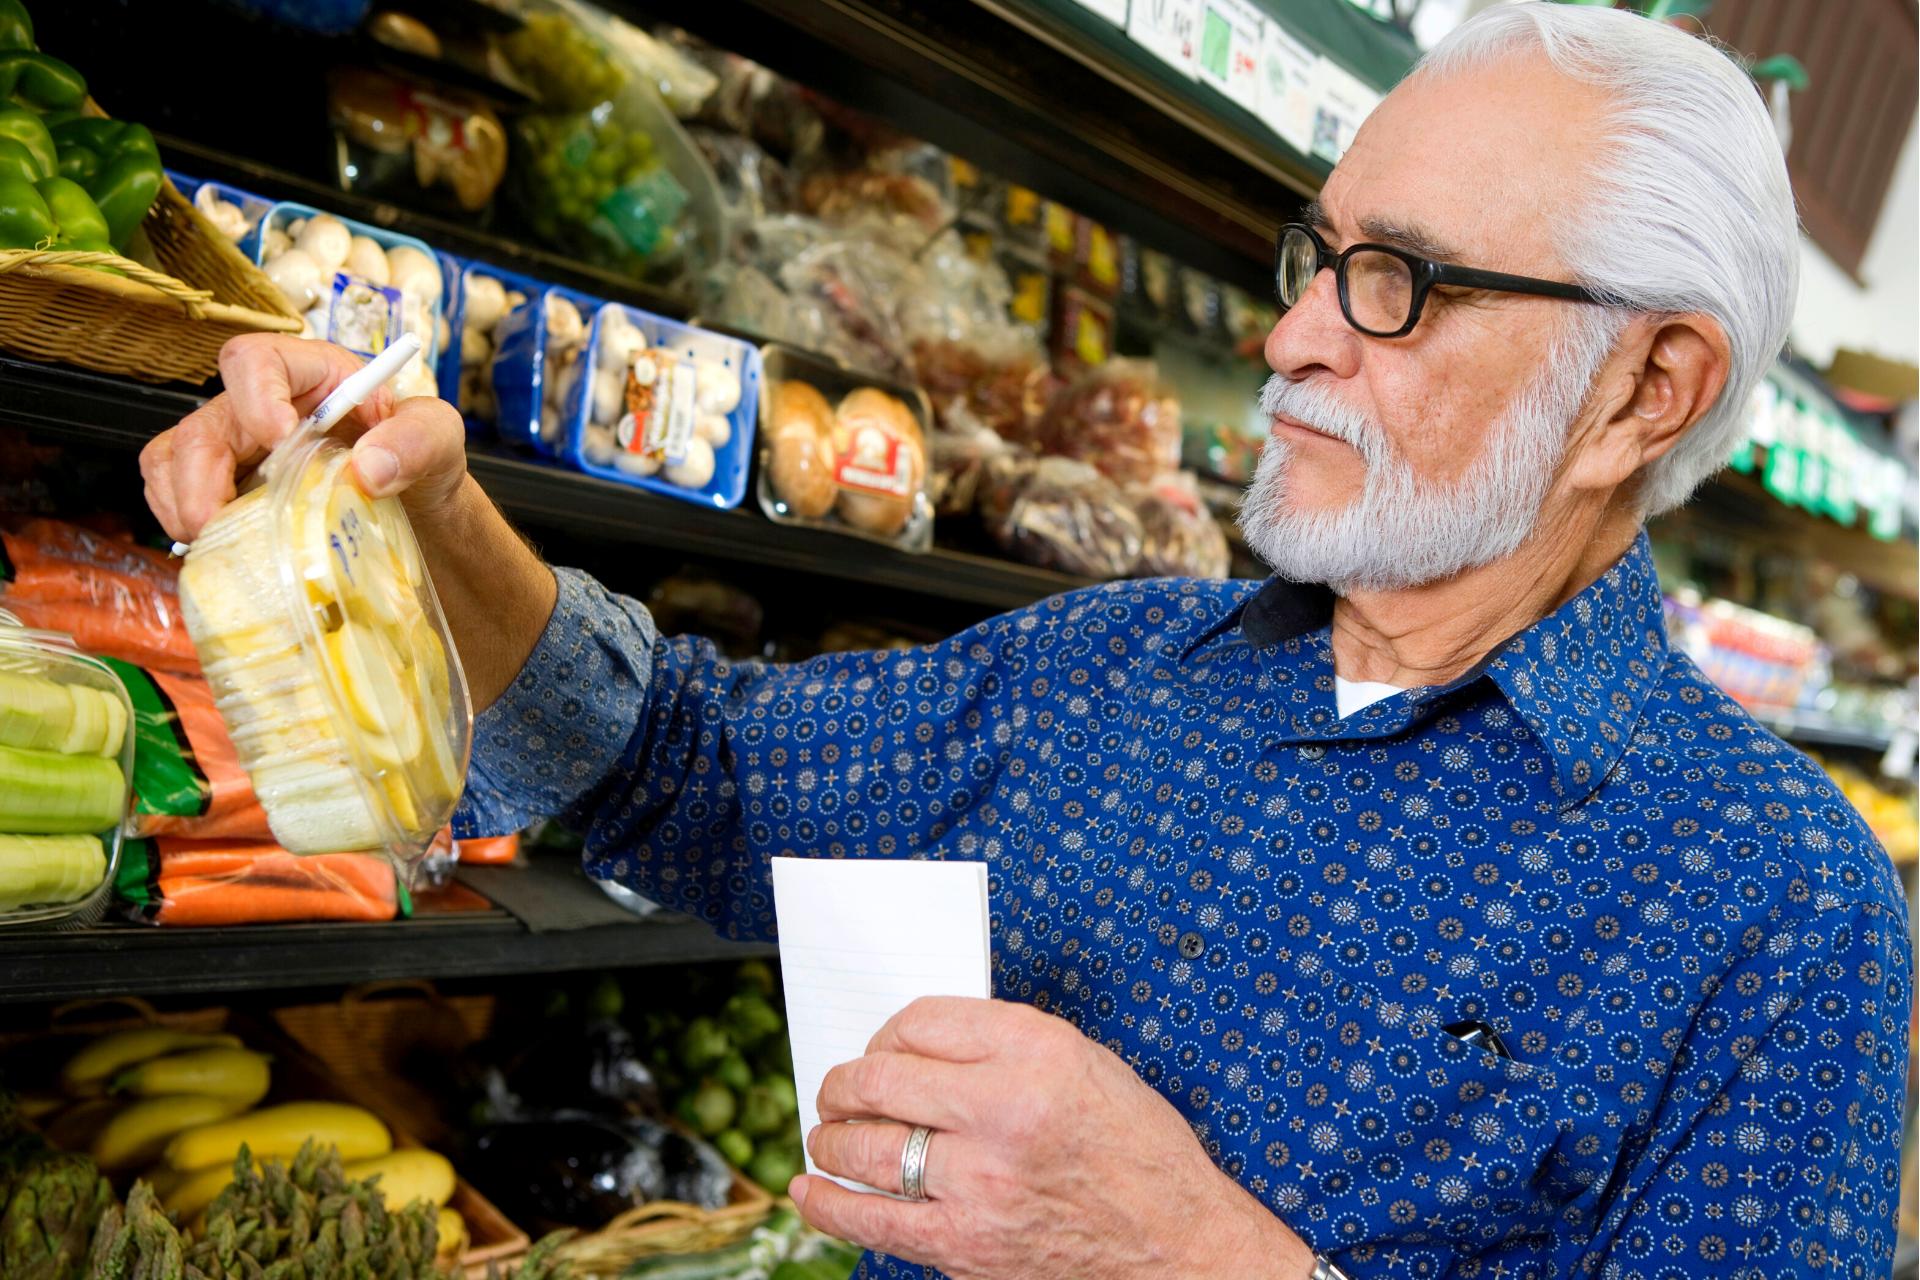 Senior grocery shopping